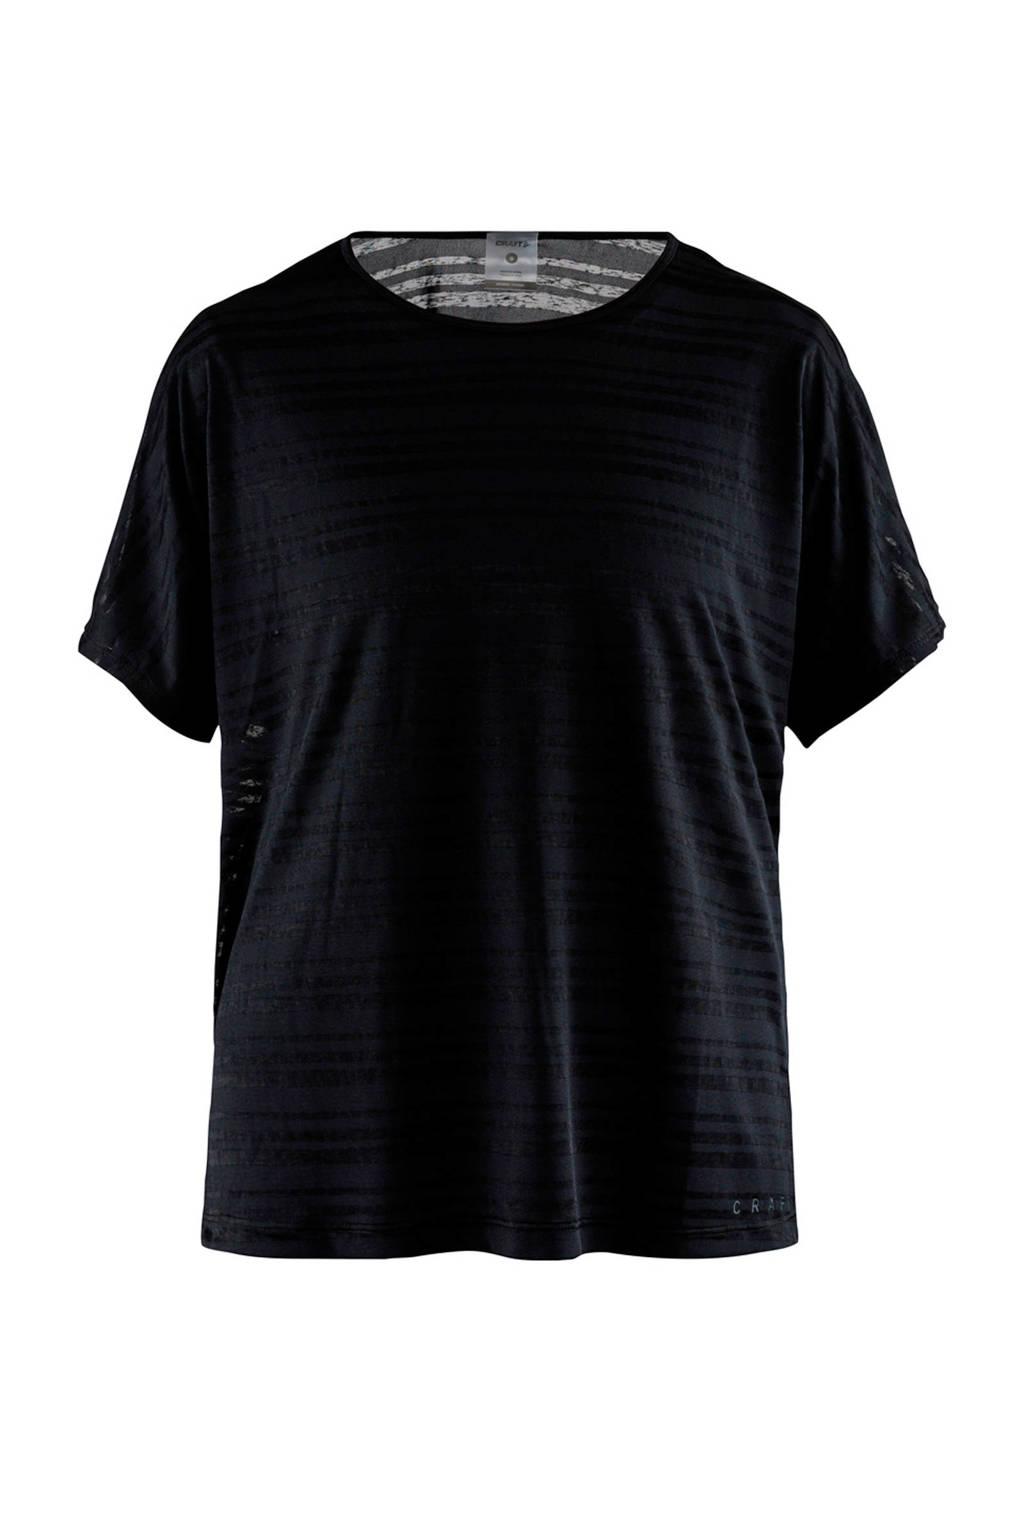 Craft sport T-shirt met all over streepprint zwart, Zwart